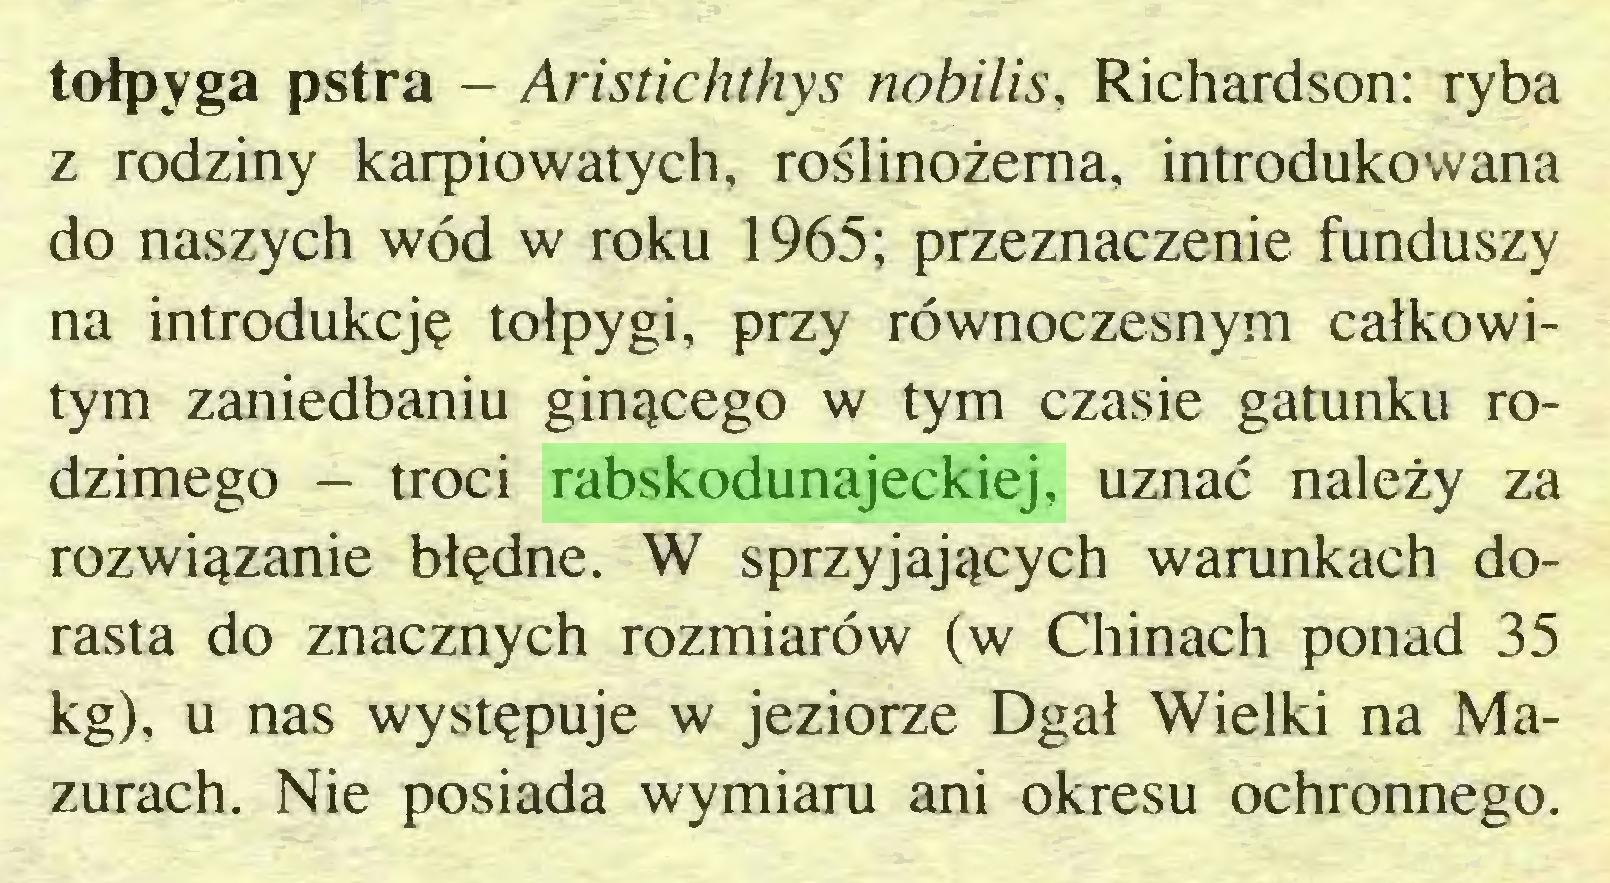 (...) tołpyga pstra - Aristichthys nobilis, Richardson: ryba z rodziny karpiowatych, roślinożerna, introdukowana do naszych wód w roku 1965; przeznaczenie funduszy na introdukcję tołpygi, przy równoczesnym całkowitym zaniedbaniu ginącego w tym czasie gatunku rodzimego - troci rabskodunajeckiej, uznać należy za rozwiązanie błędne. W sprzyjających warunkach dorasta do znacznych rozmiarów (w Chinach ponad 35 kg), u nas występuje w jeziorze Dgał Wielki na Mazurach. Nie posiada wymiaru ani okresu ochronnego...